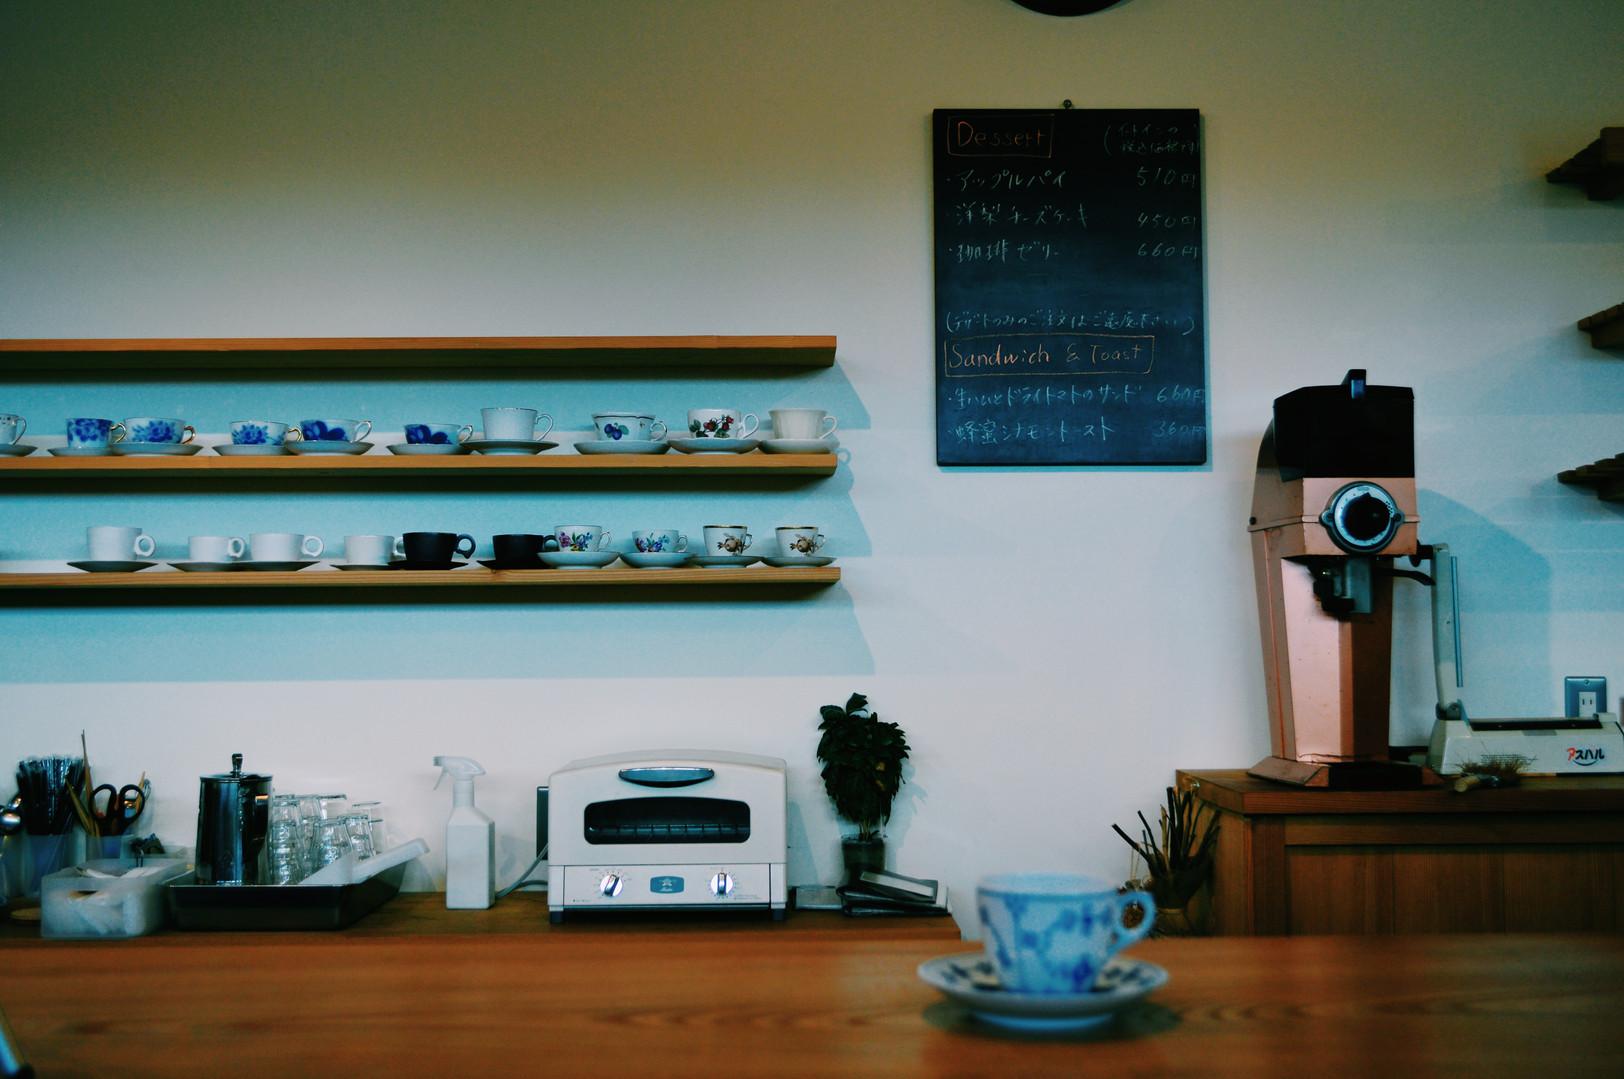 美しく並ぶコーヒー器具たち。